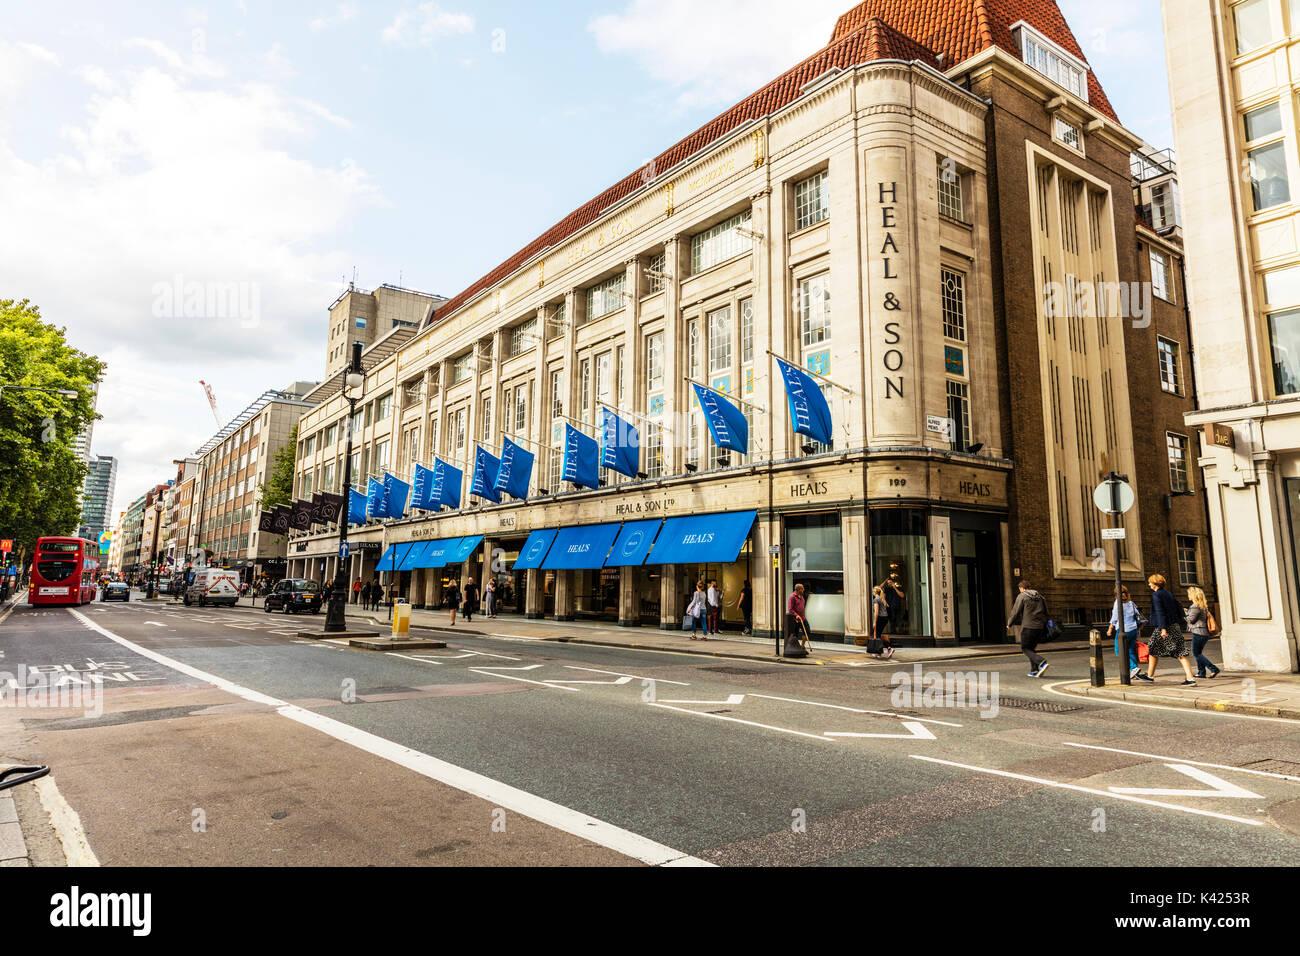 """Guarire & SON LONDON, guarire & Figlio, guarire e figlio, guarire e figlio di Londra, guarire 'guarire e figlio ltd """" è un cittadino britannico di mobili e di arredamento catena negozio Immagini Stock"""